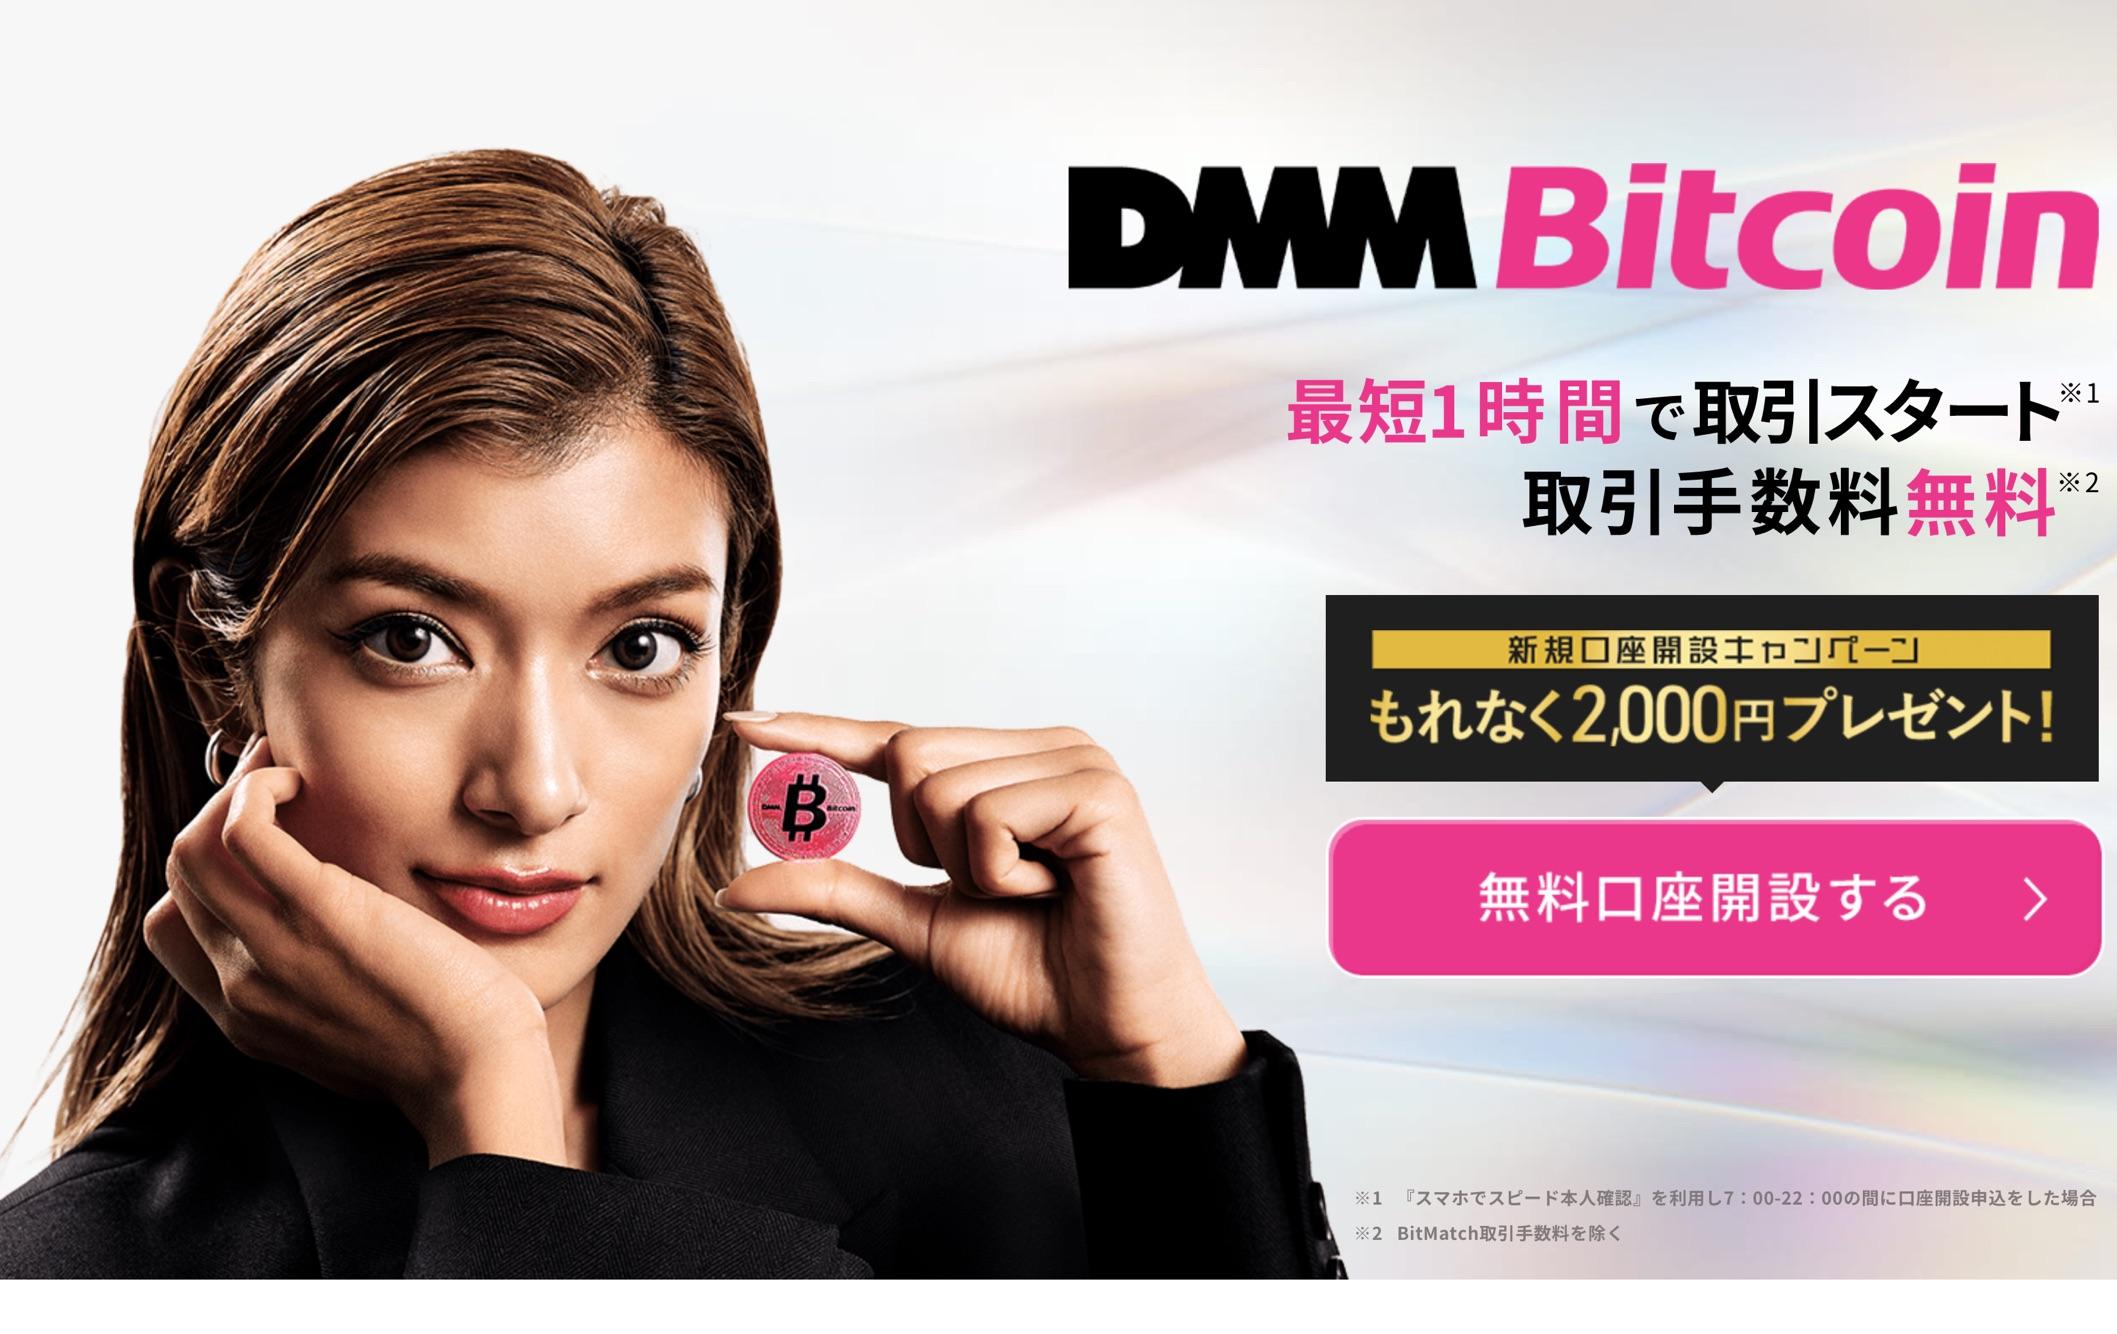 仮想通貨取引所・販売所のDMM Bitcoin